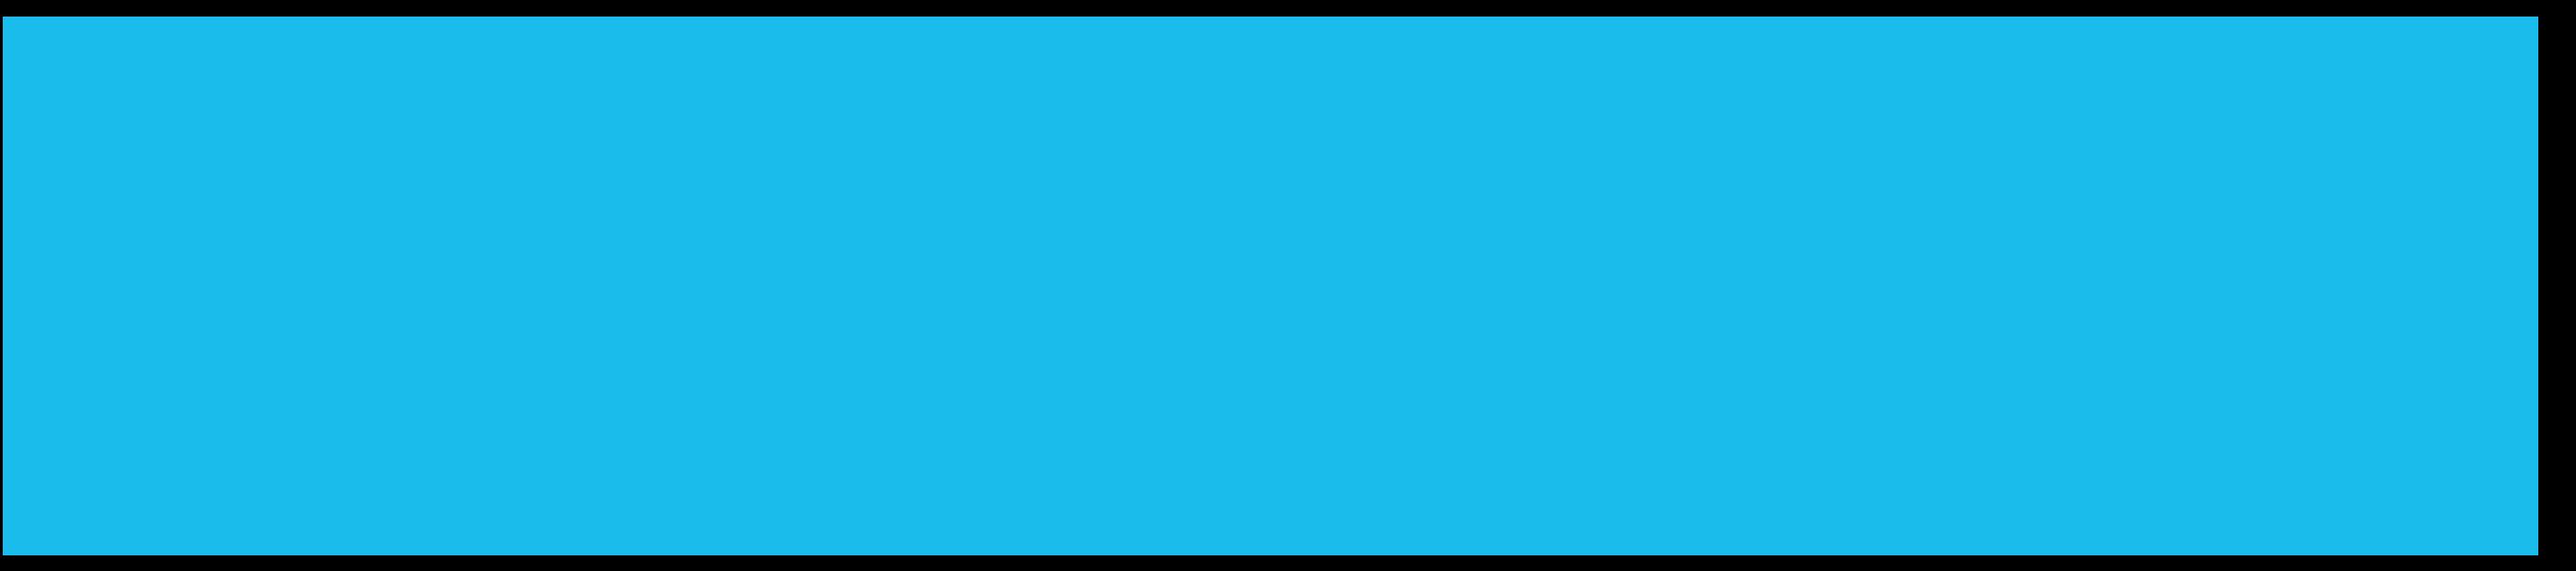 中小企業のための共済専業組合 国際人材育成共済協同組合(ITD共済)